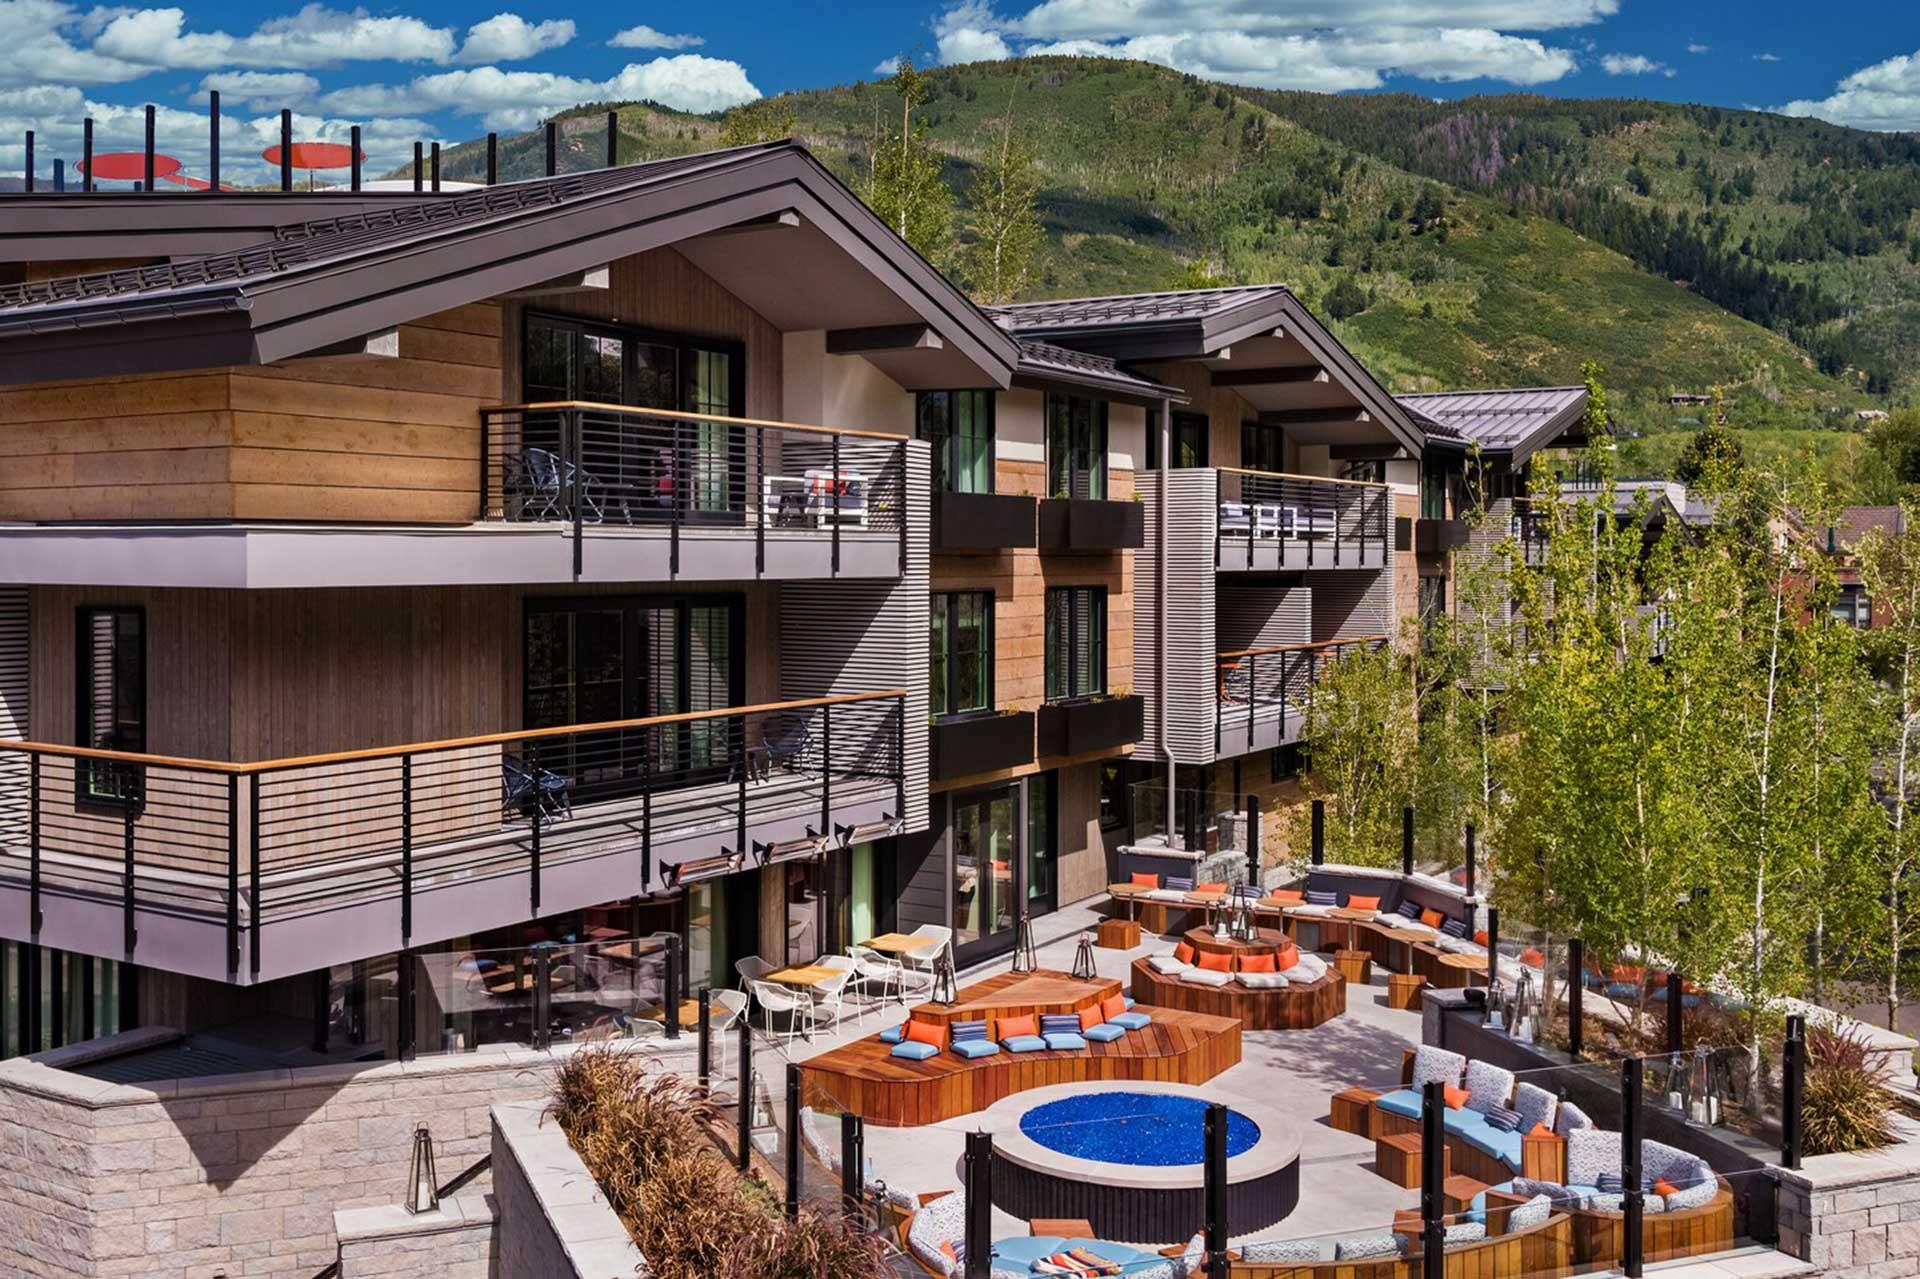 Hotel W Aspen